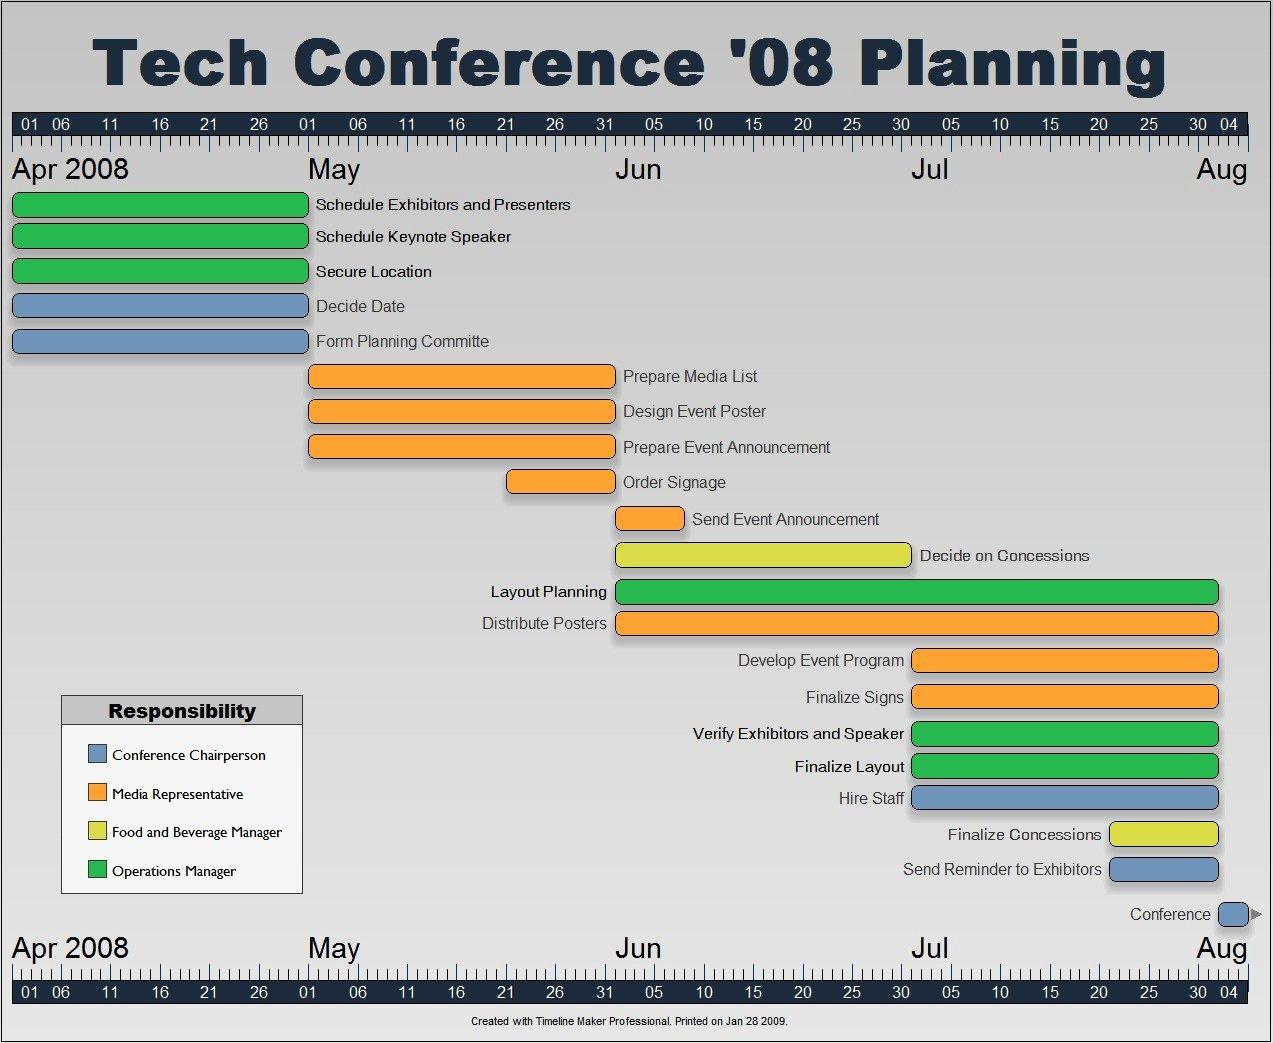 Conference Planning Timeline Template Best Of Timeline Maker Professional Sample Charts